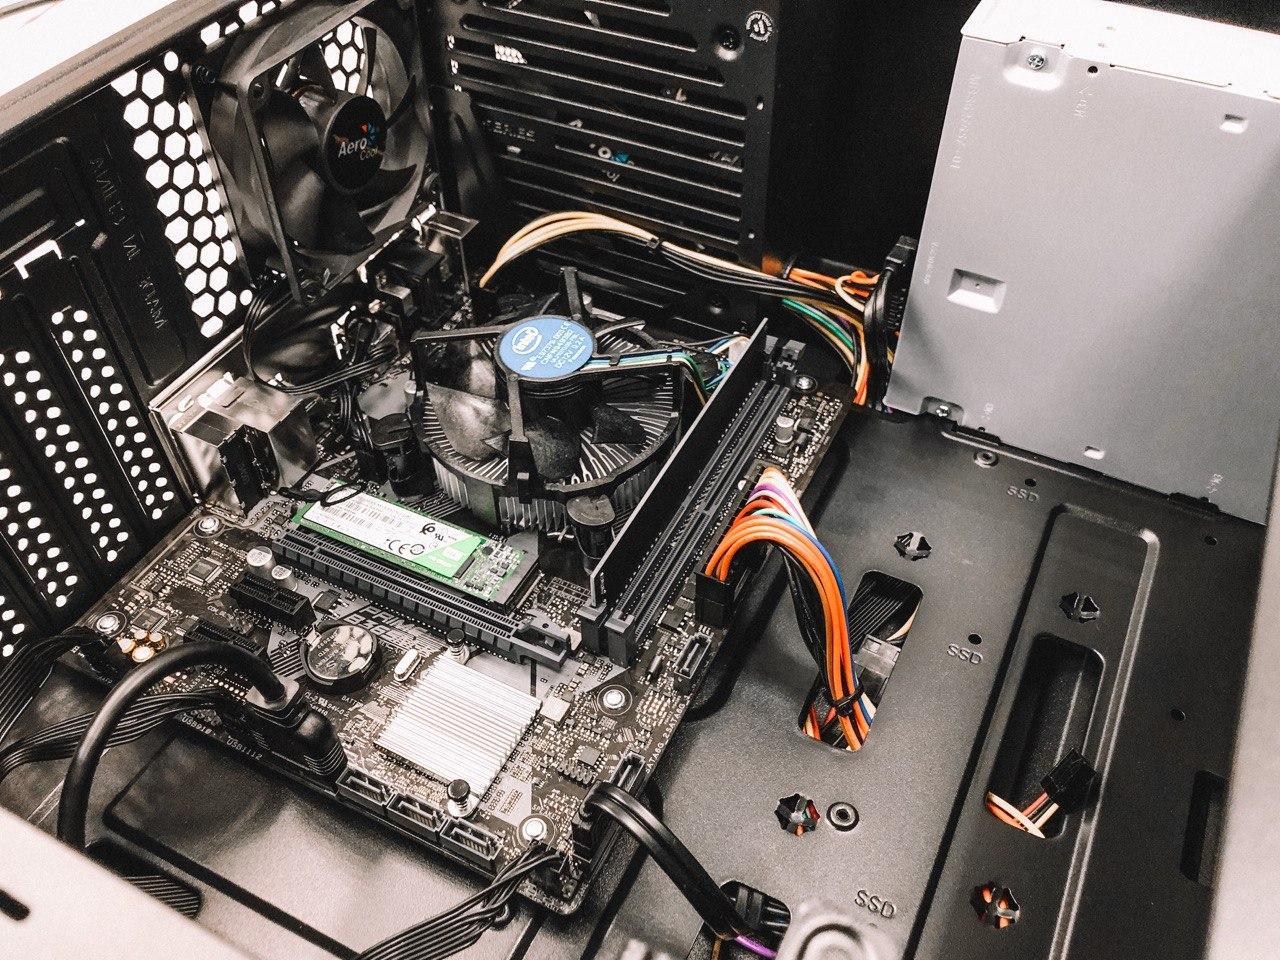 картинка Системный блок Status Home Core i5 Intel от магазина Одежда+